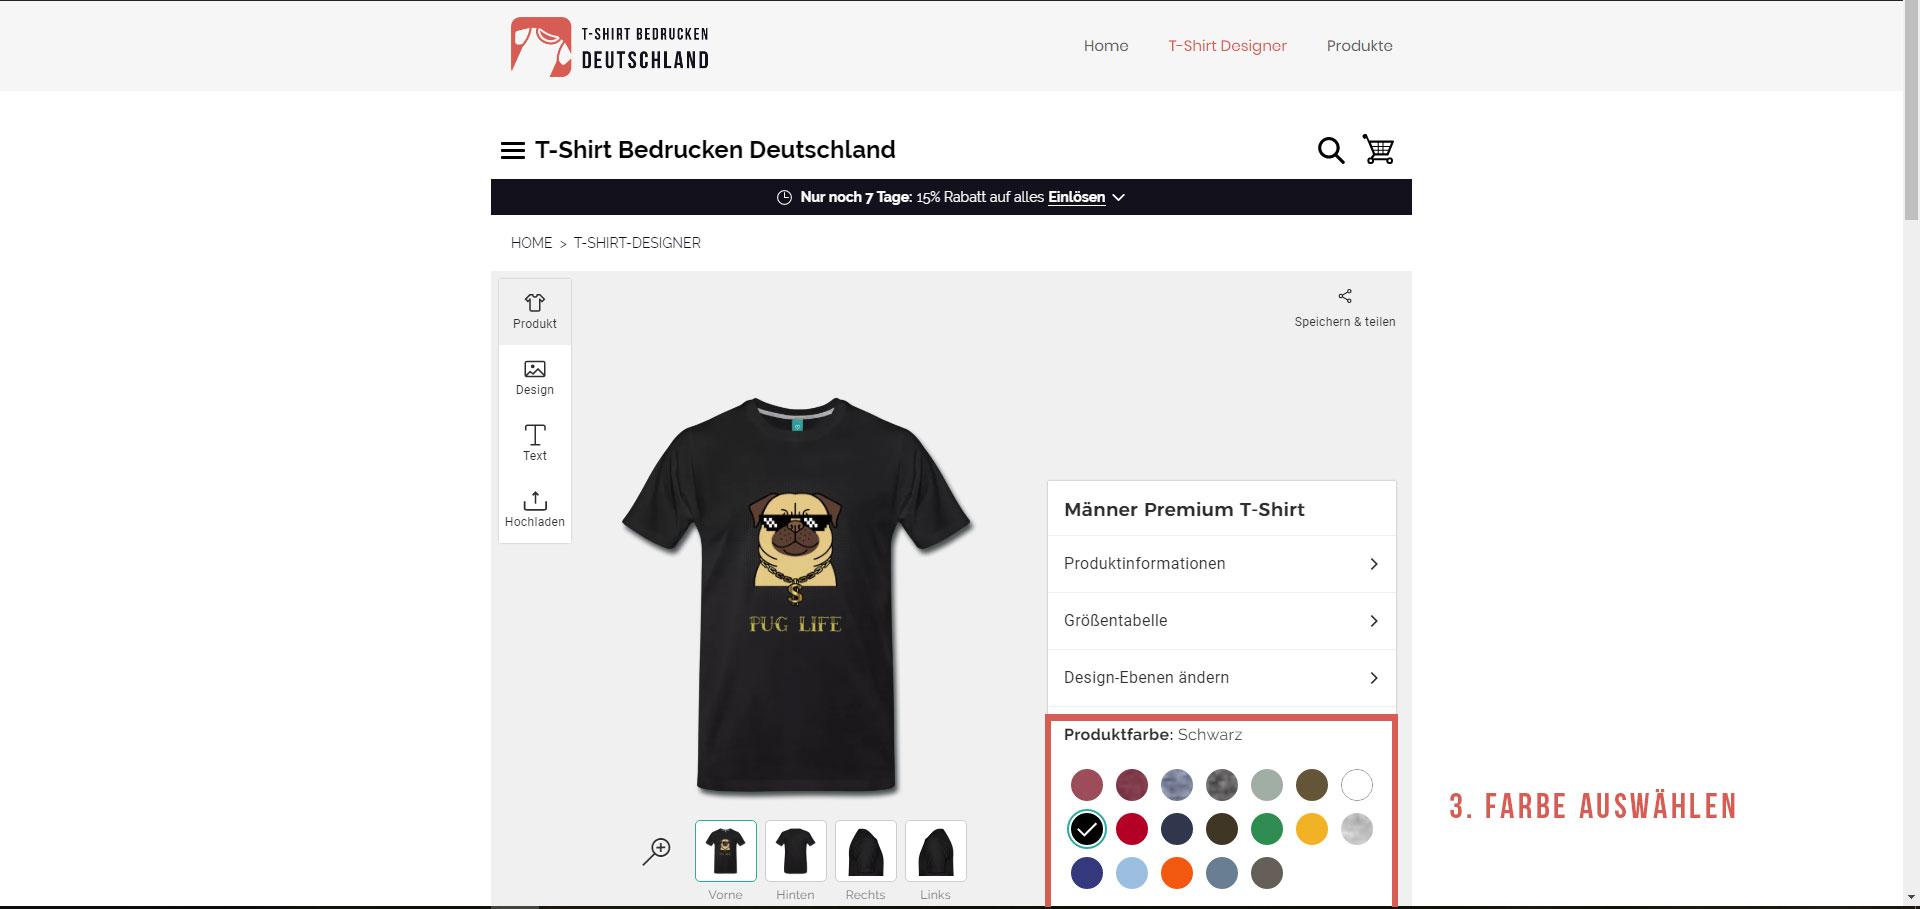 Wie kann ich ein T-Shirt selber gestalten?